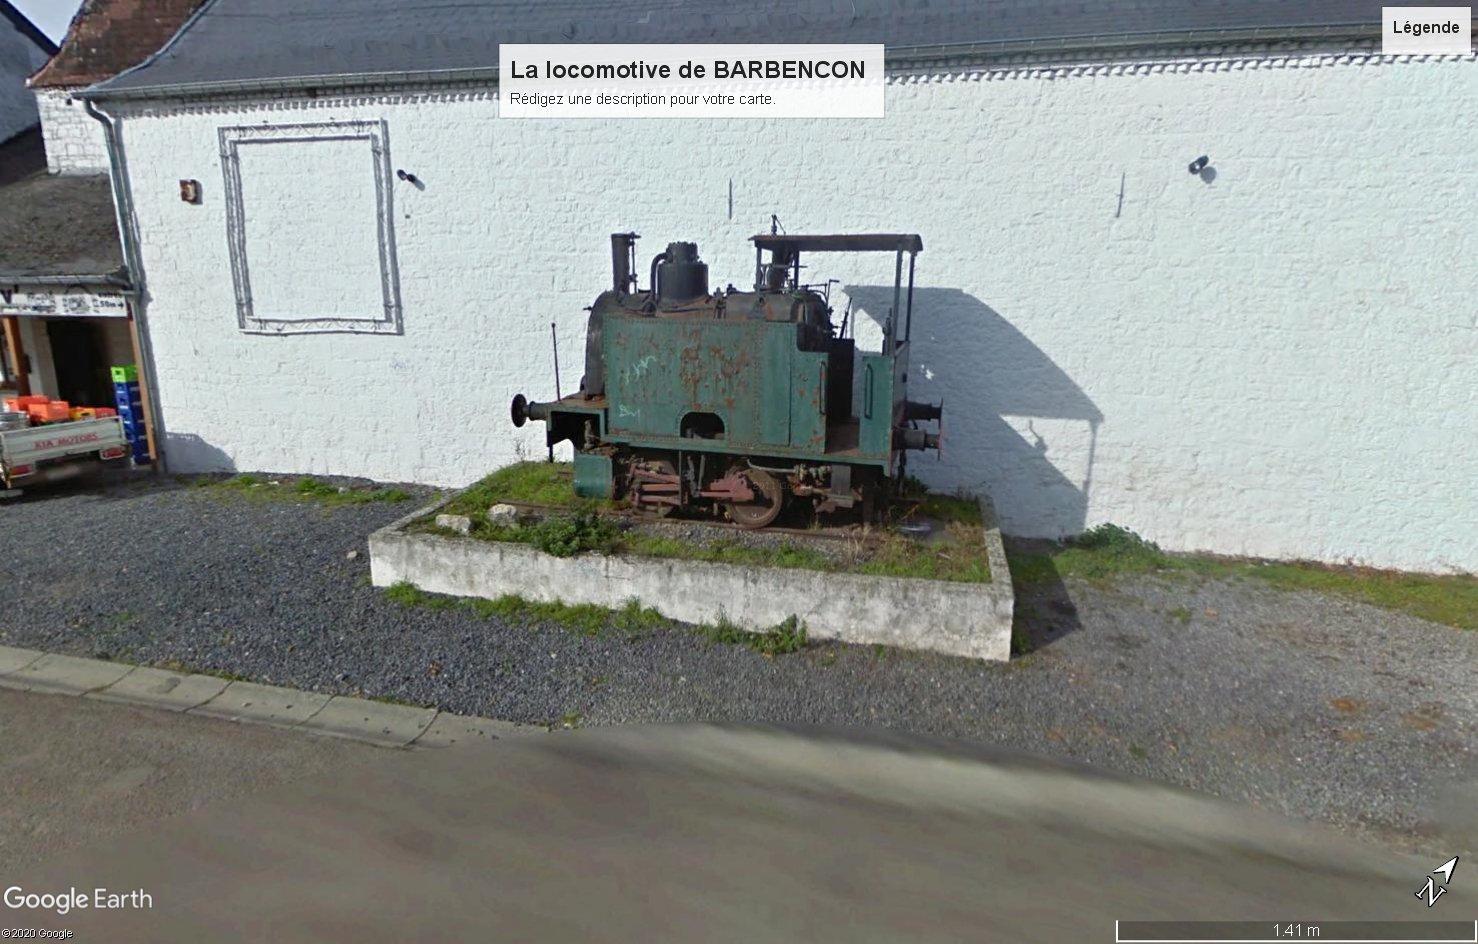 Locomotive a vapeur - Page 2 201102060320536379